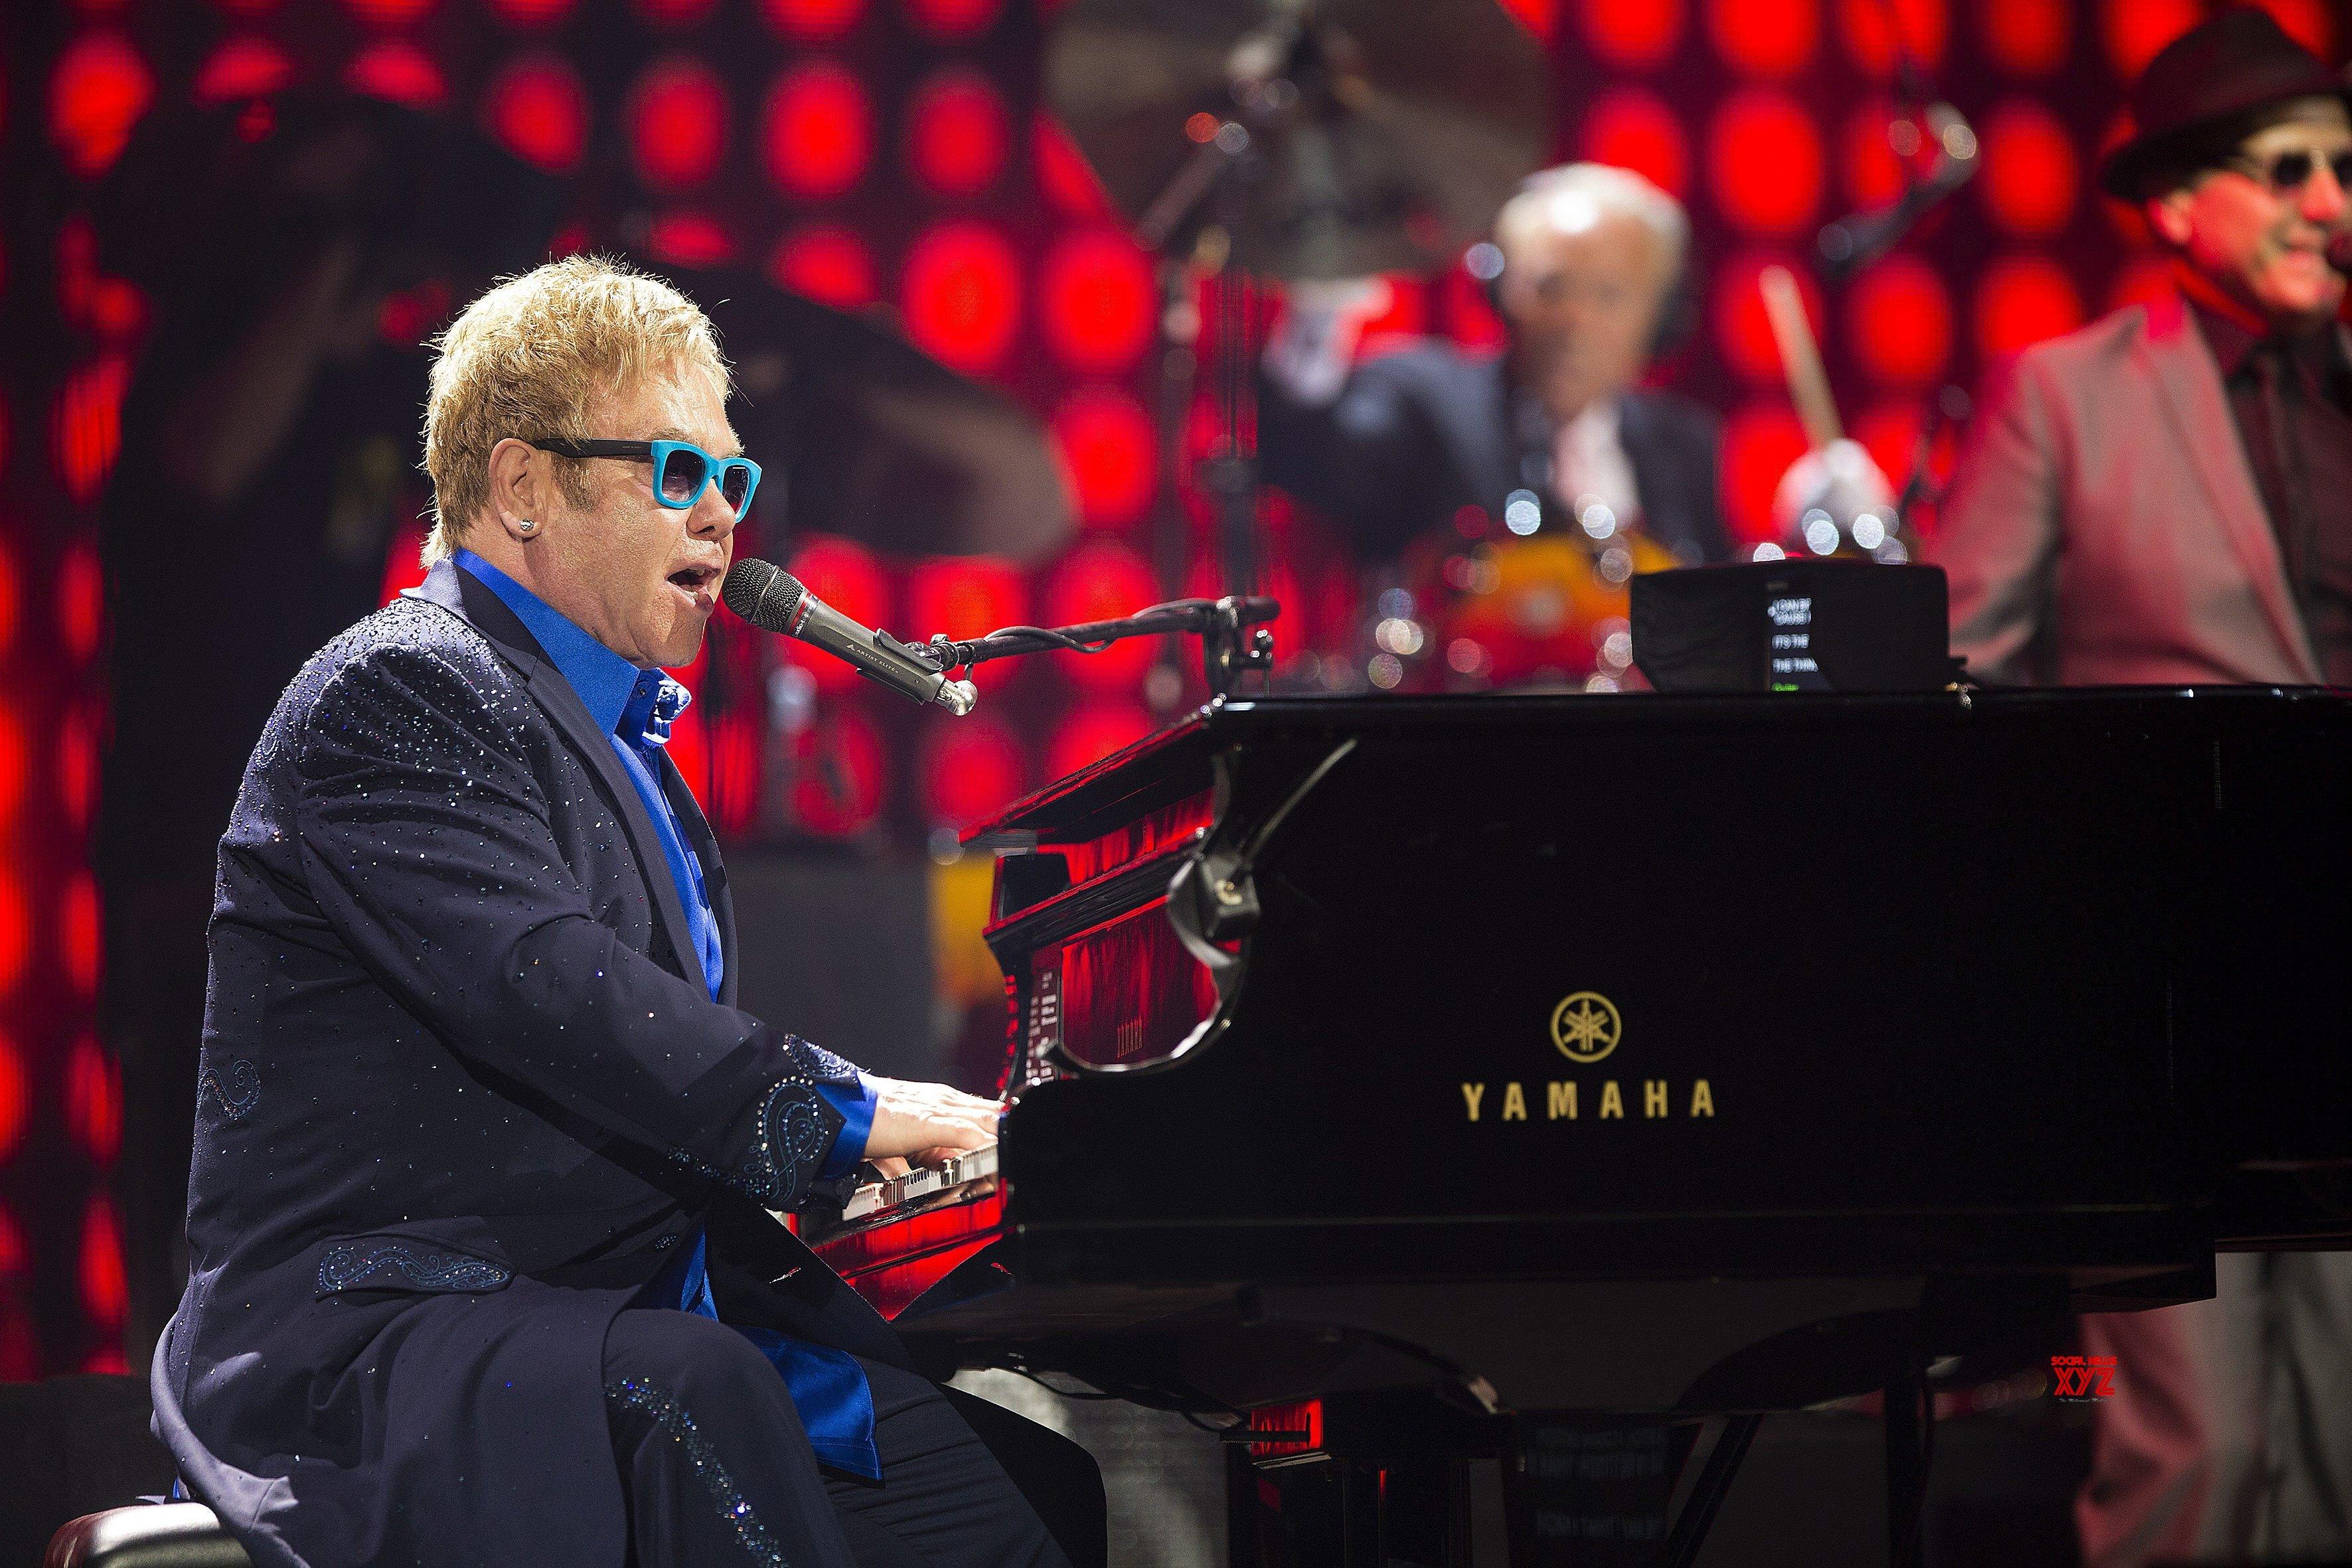 When Elton John tried to take his own life